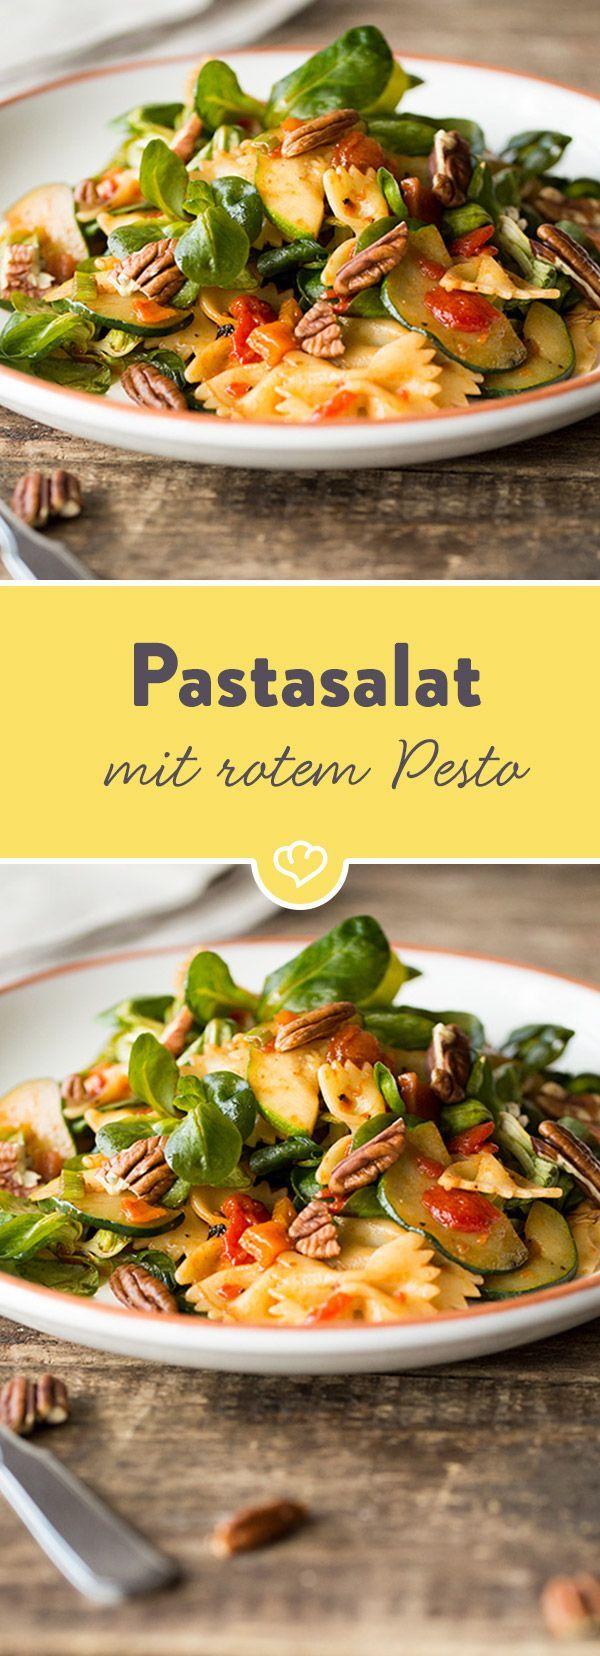 Dieser Pastasalat ist nicht nur schnell zubereitet, sondern schmeckt mit würzigem roten Pesto, Zitrone und Pekannüssen verfeinert sommerlich köstlich.